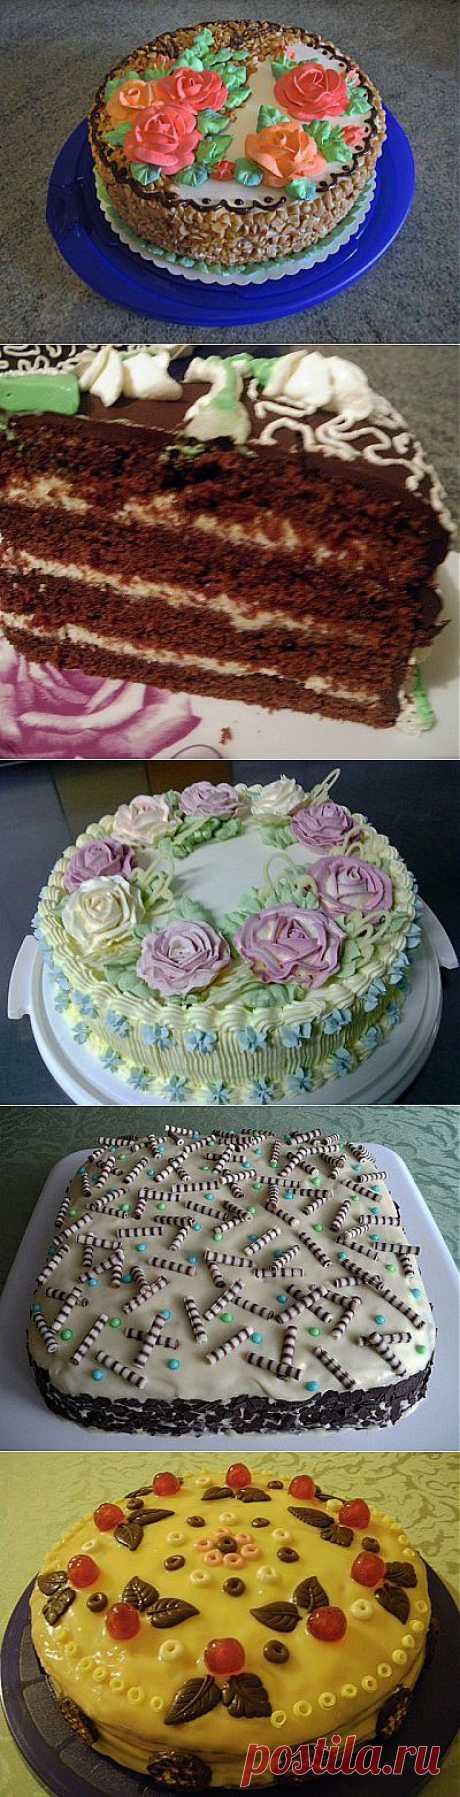 Моё хобби: тортики и пирожные (без мастики) : Торты (украшения)